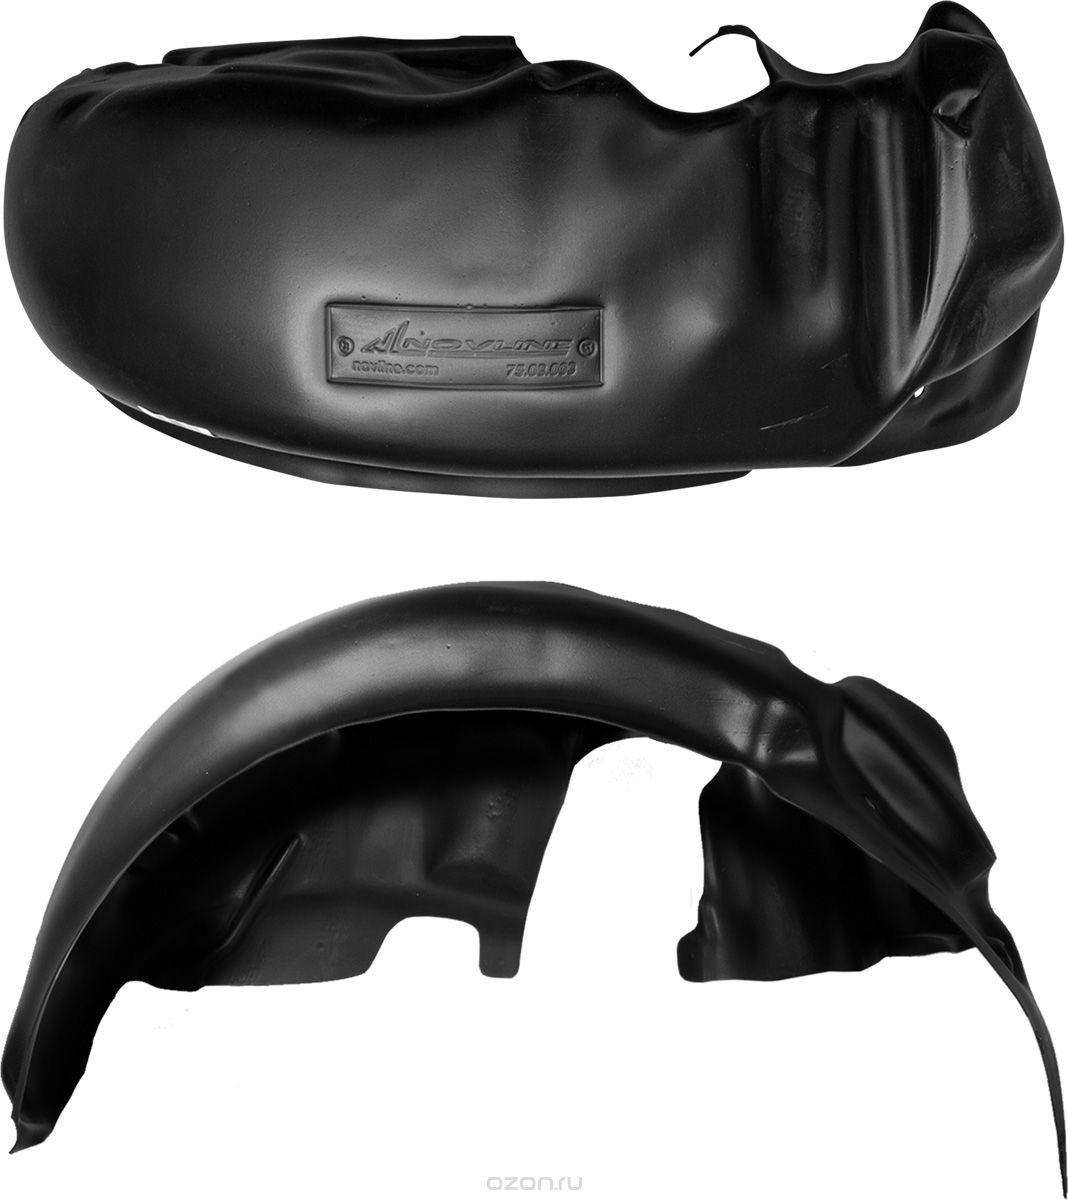 Подкрылок Novline-Autofamily, для MAZDA 3, 2013->, хб., сед., задний левыйVCA-00Идеальная защита колесной ниши. Локеры разработаны с применением цифровых технологий, гарантируют максимальную повторяемость поверхности арки. Изделия устанавливаются без нарушения лакокрасочного покрытия автомобиля, каждый подкрылок комплектуется крепежом. Уважаемые клиенты, обращаем ваше внимание, что фотографии на подкрылки универсальные и не отражают реальную форму изделия. При этом само изделие идет точно под размер указанного автомобиля.